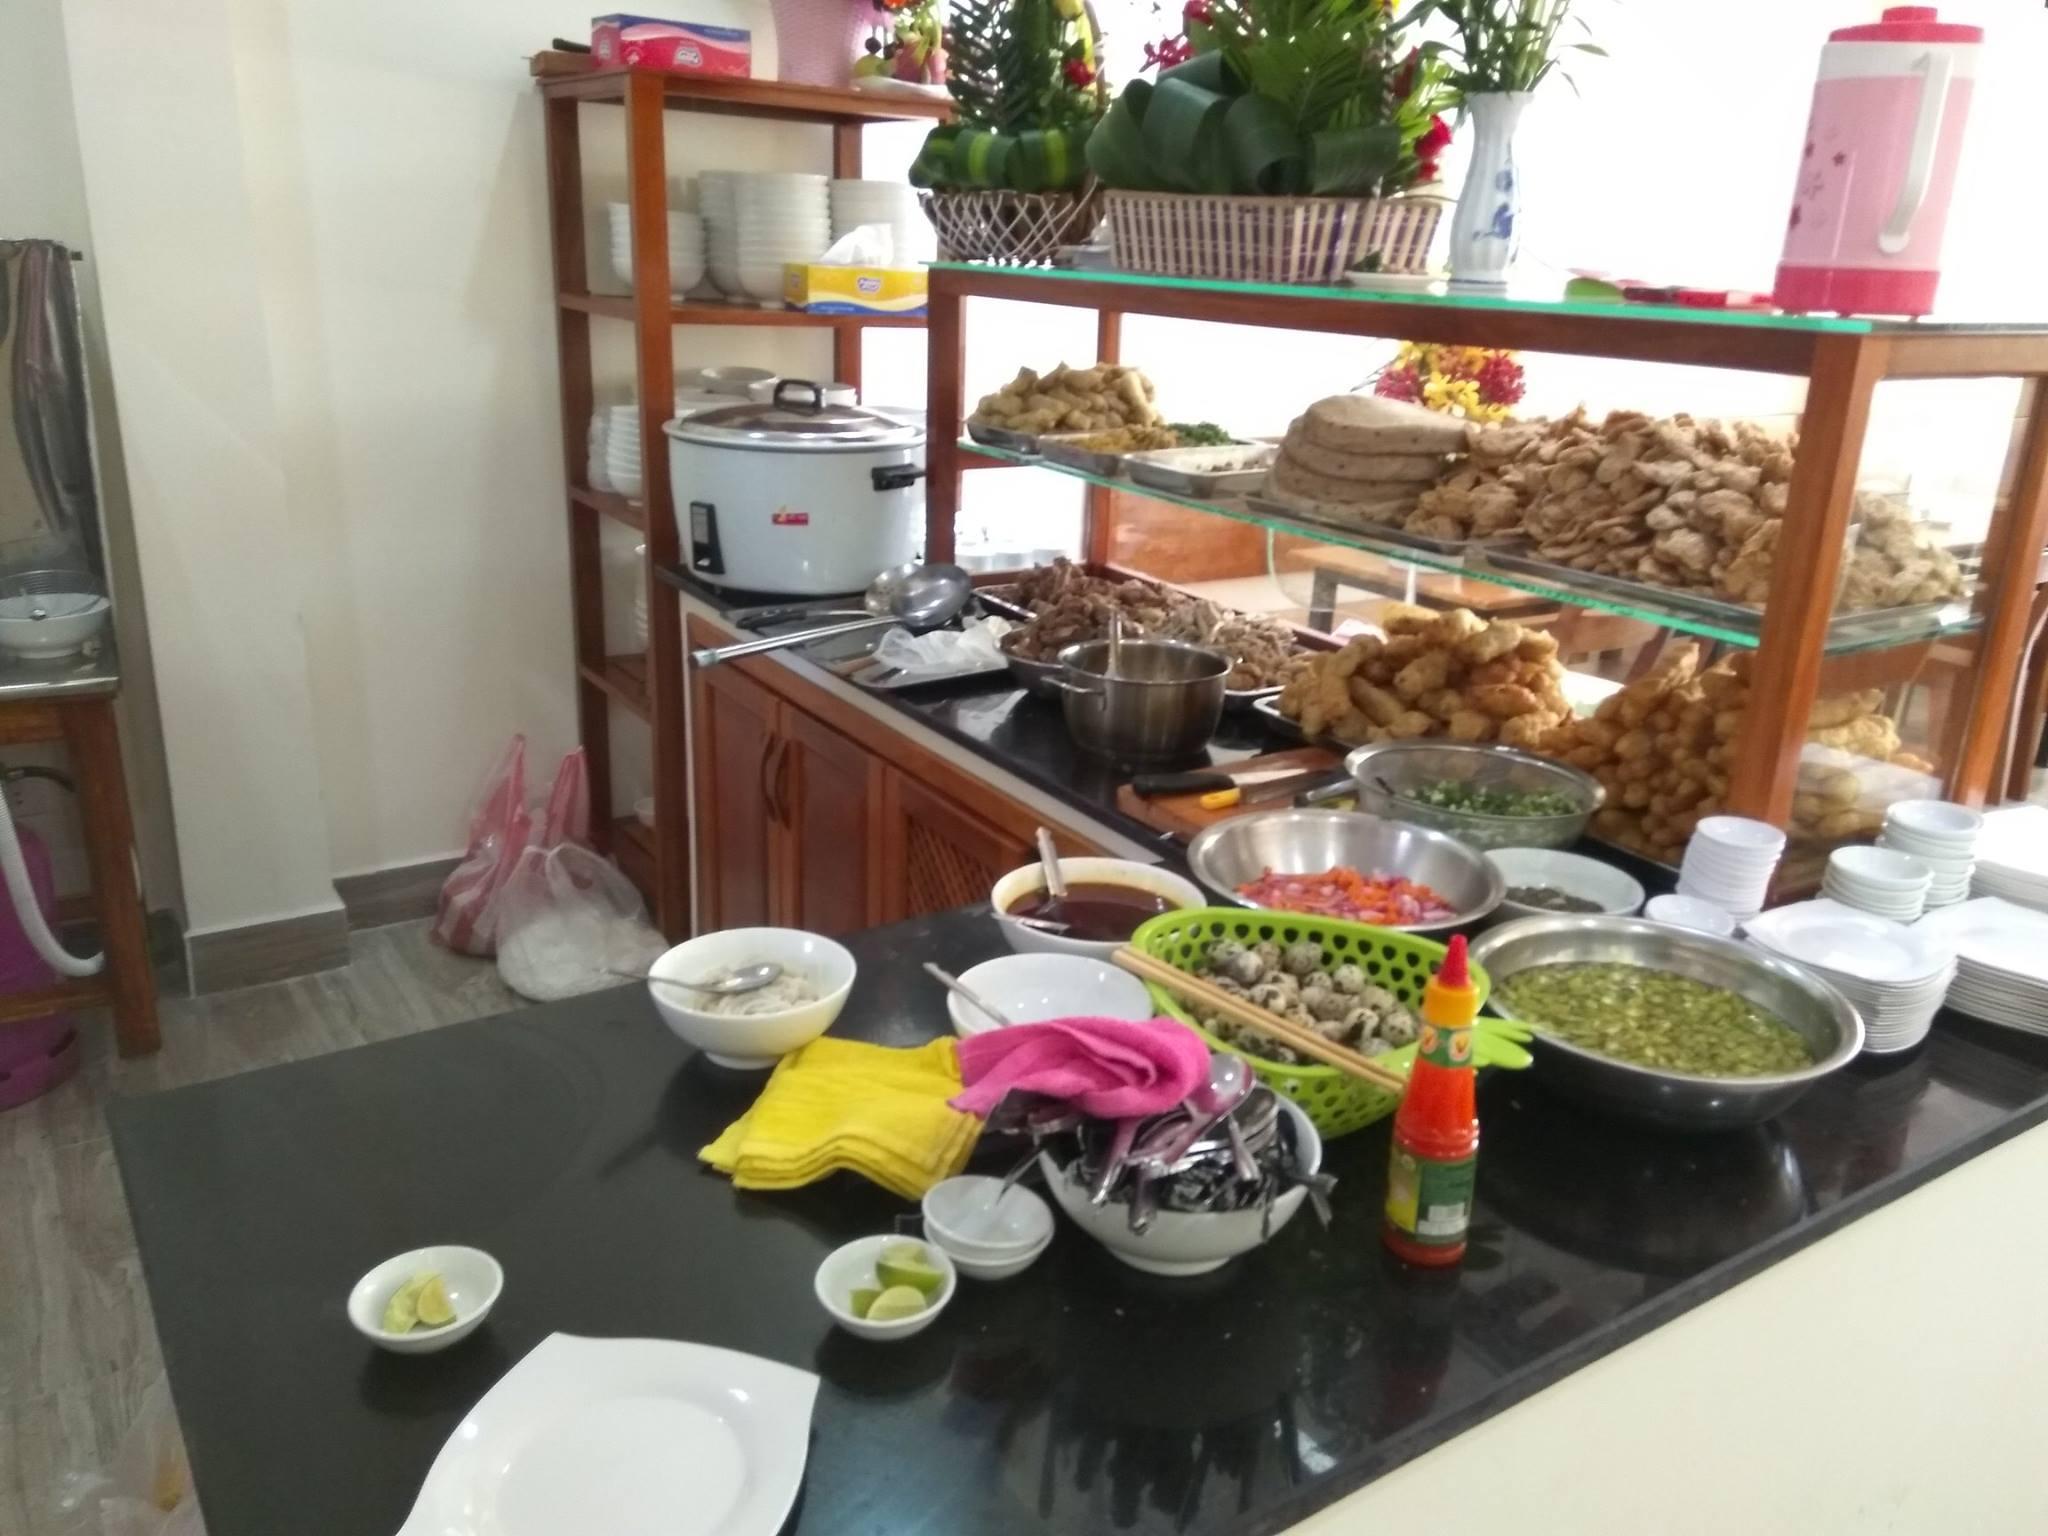 9 Đặc sản Đà Nẵng-Chả Cá Thủy Chợ Hàn-Thương hiệu uy tín, chất lượng số 1 Đà Nẵng